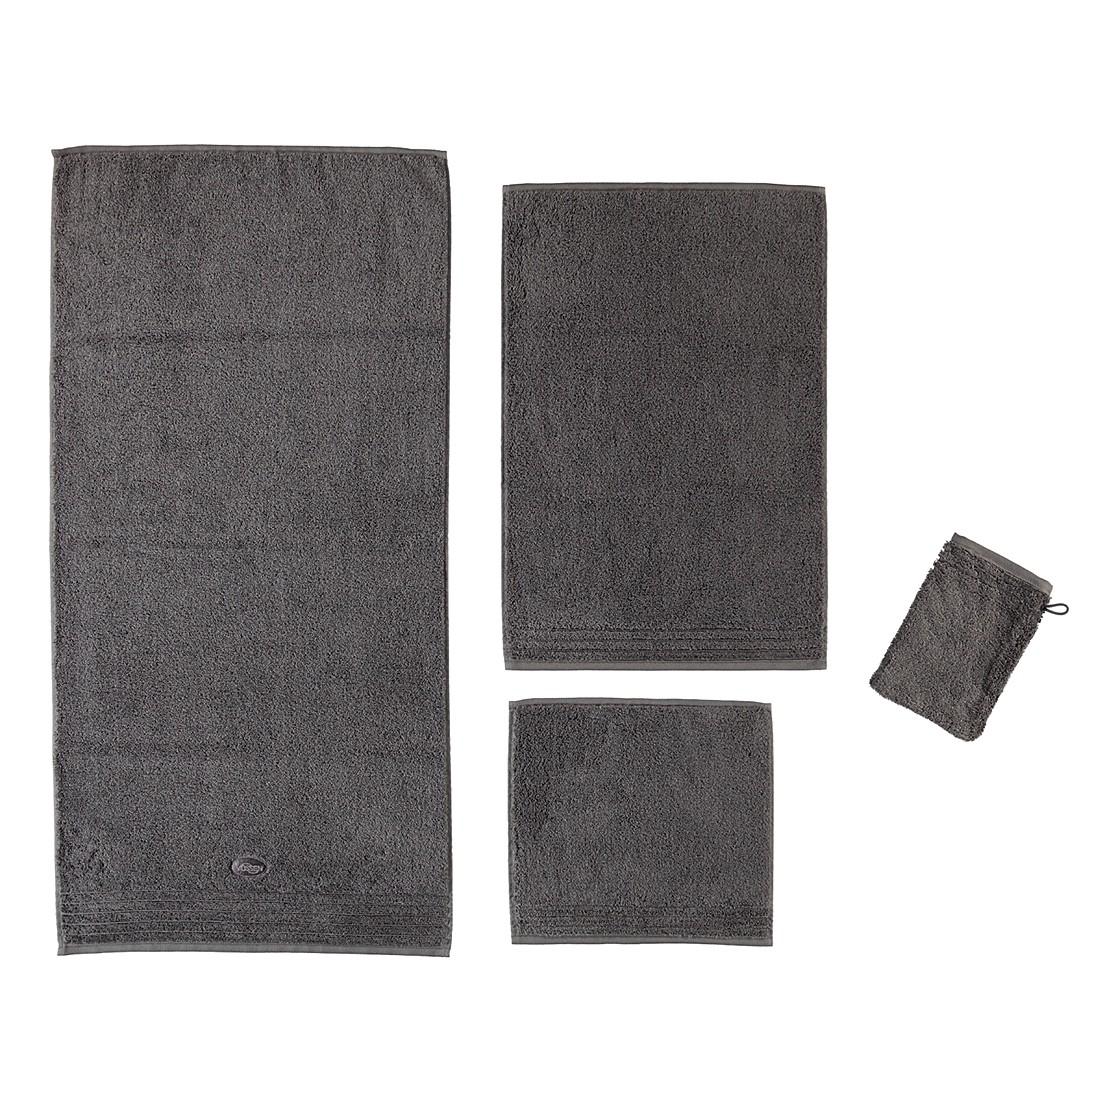 Handtücher Dreams – Baumwolle – Slate Grey – Seiflappen 30×30 cm, Vossen günstig online kaufen